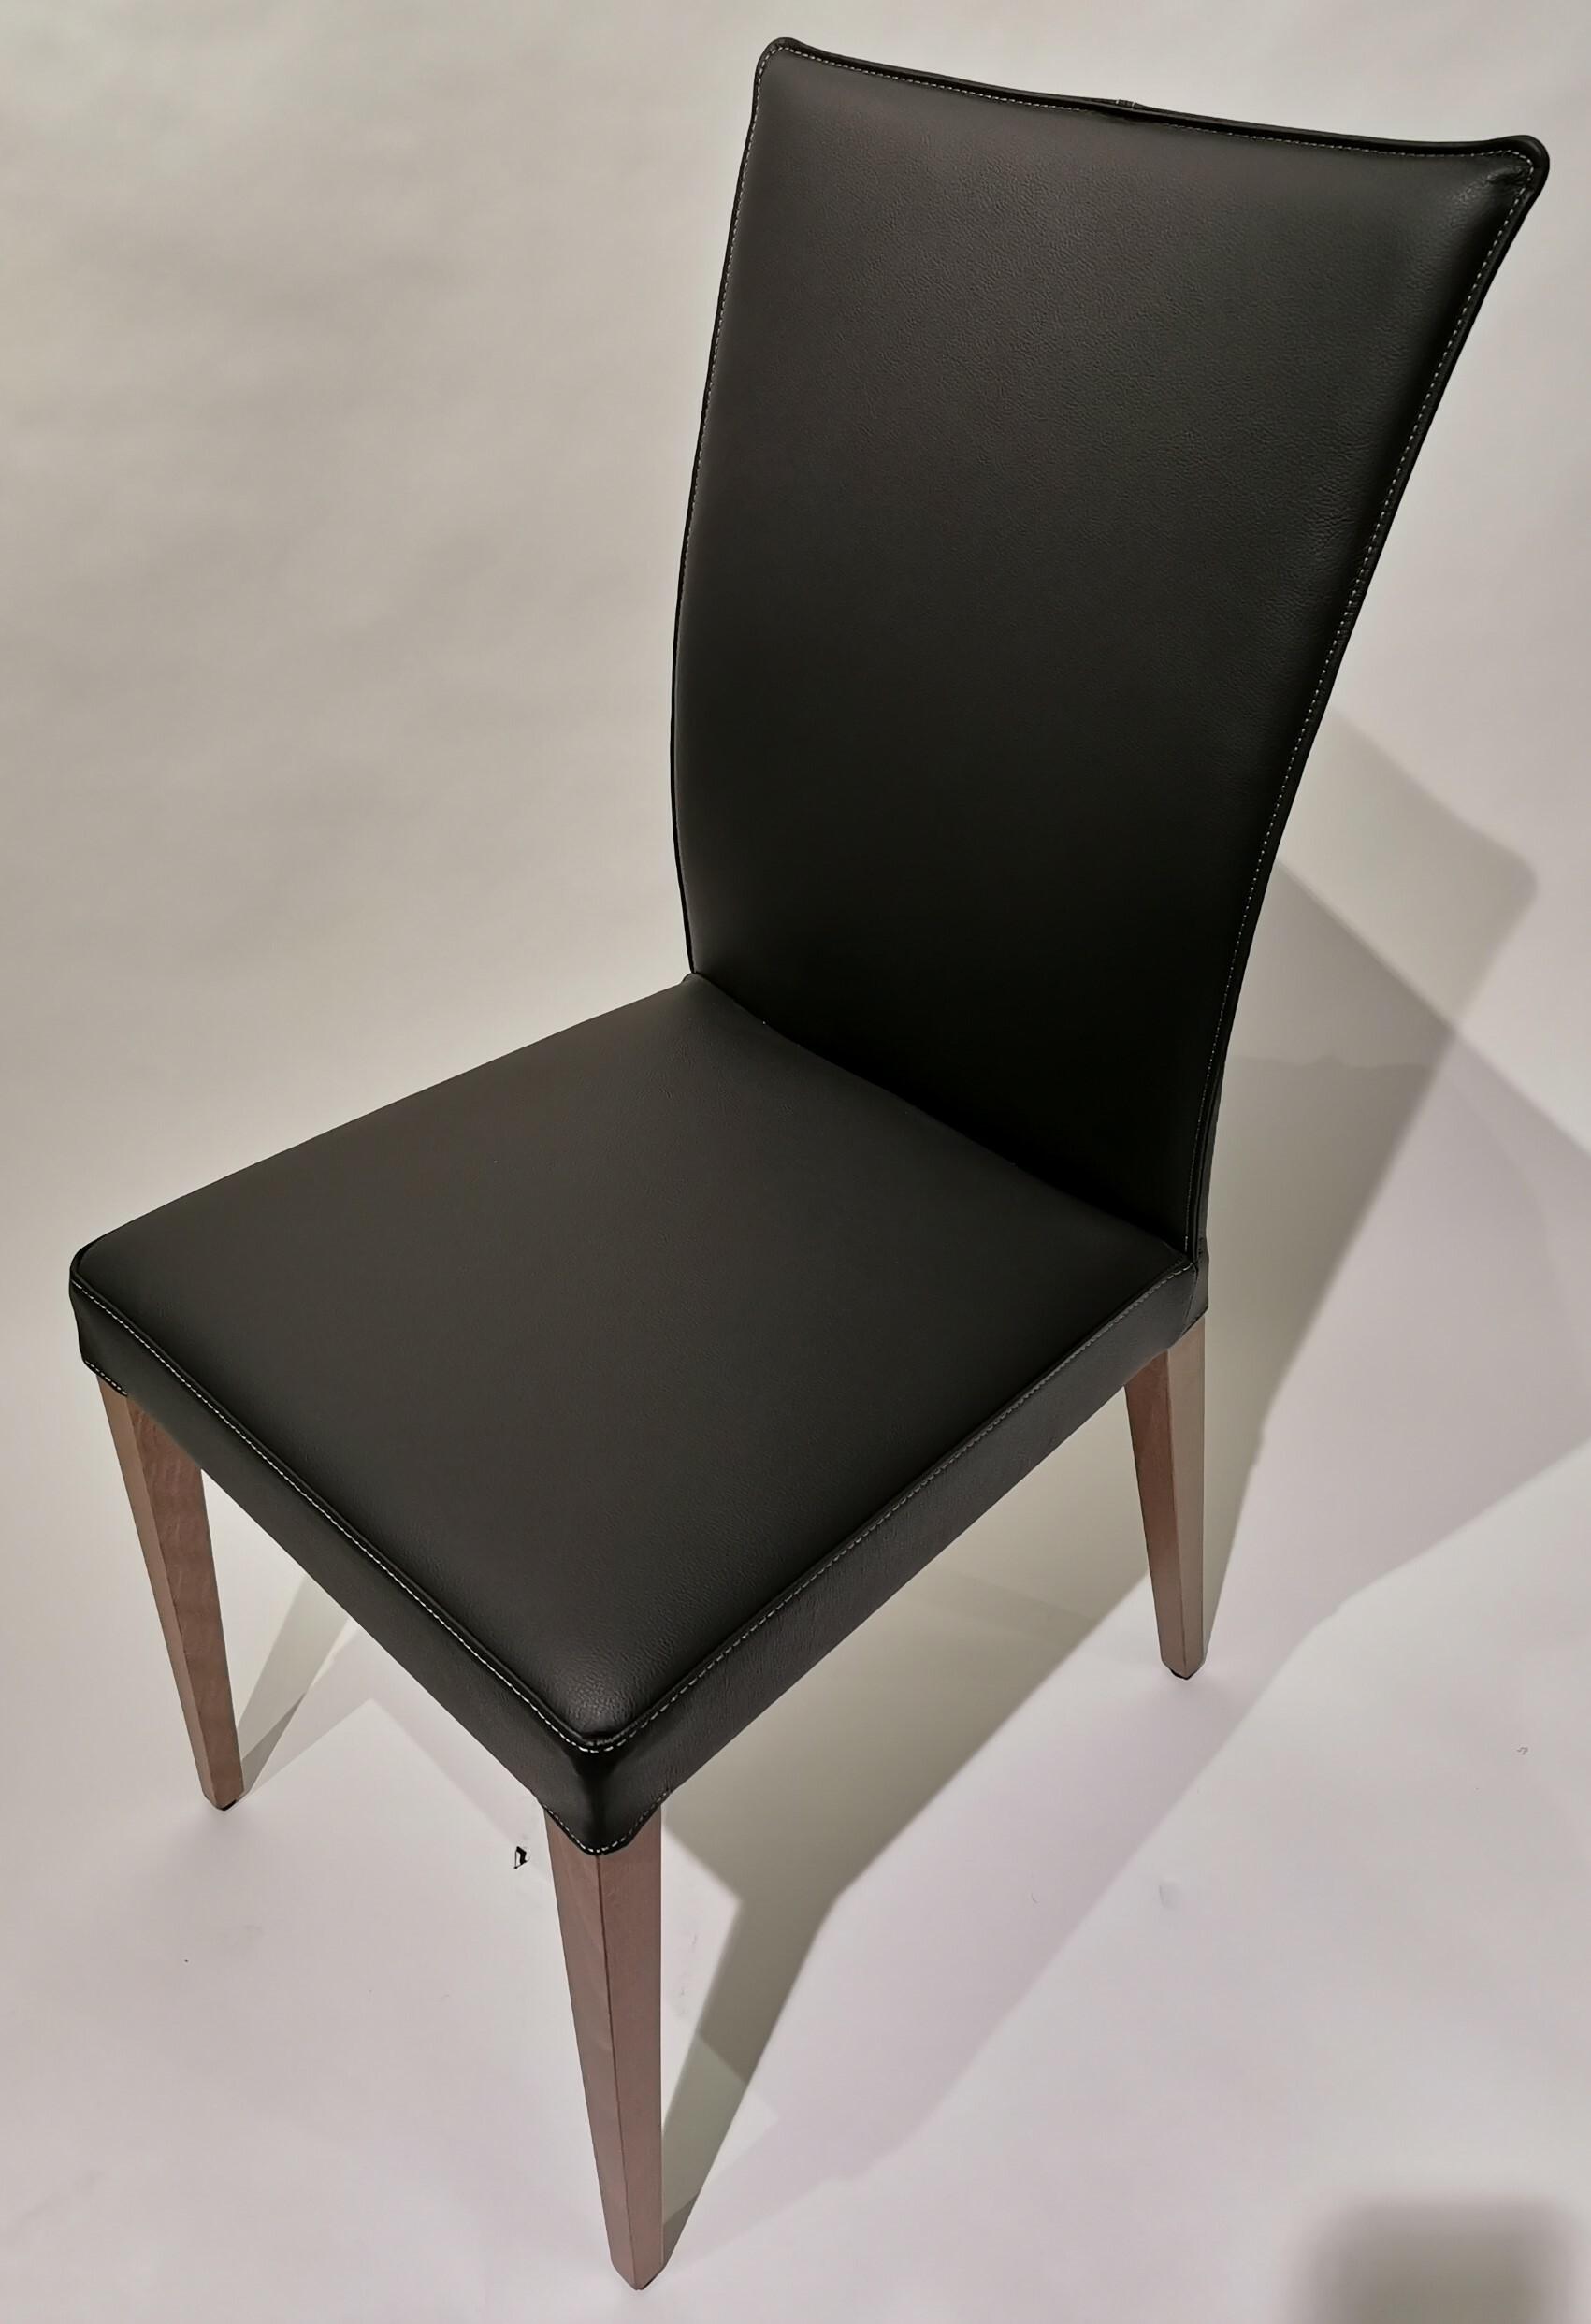 Stühle Francesca Lüönd 01